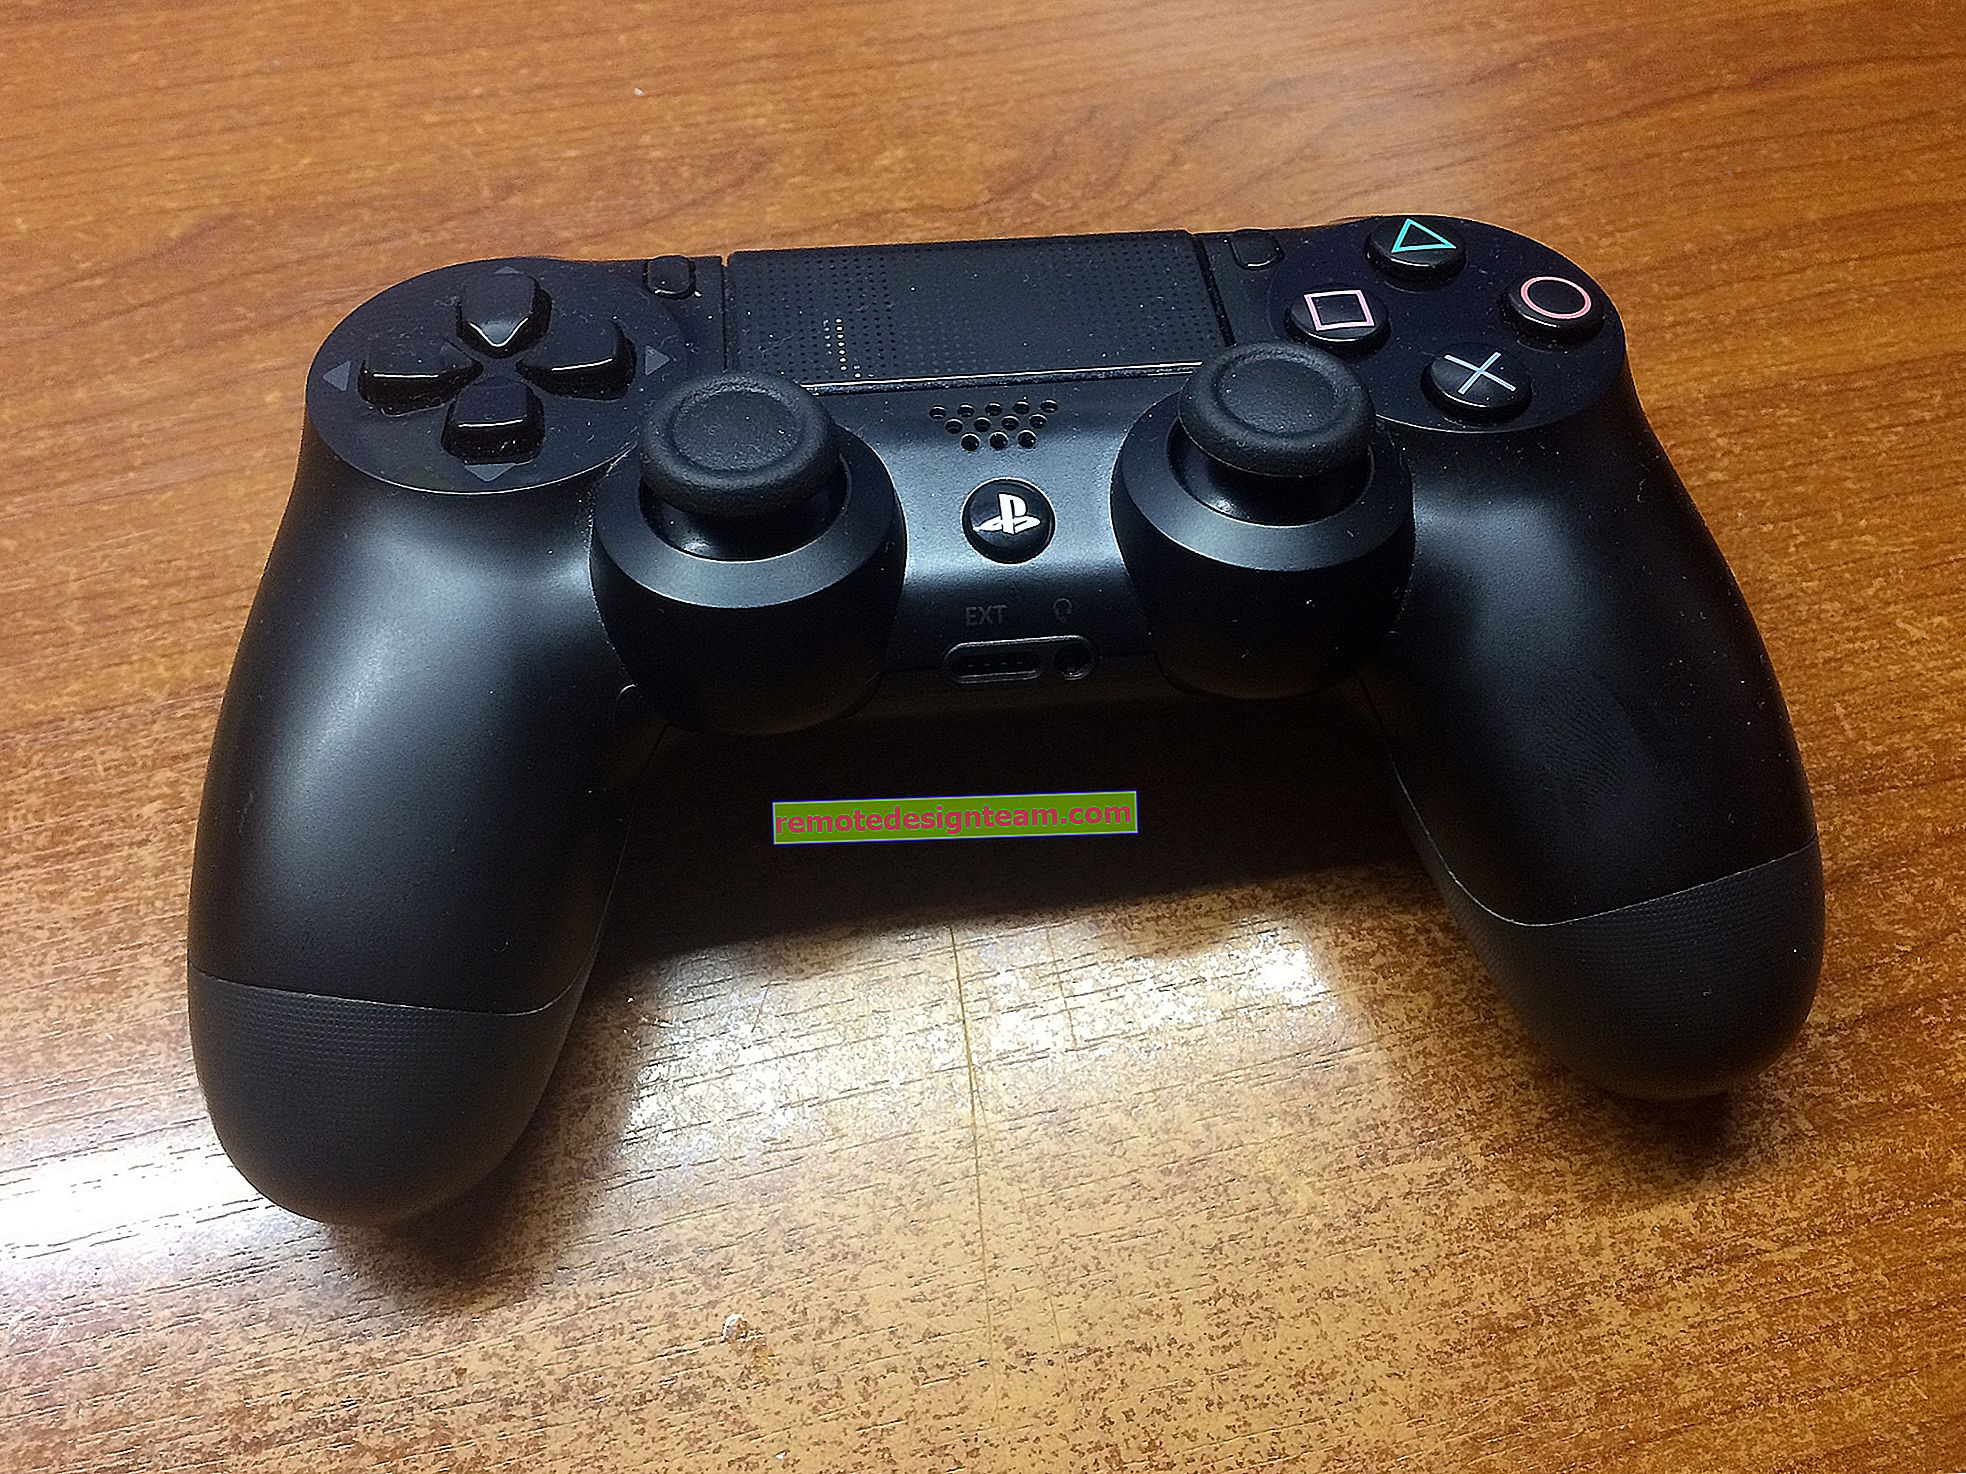 Bagaimana cara menyambungkan fon kepala ke PS4 melalui Bluetooth, kayu bedik, USB?